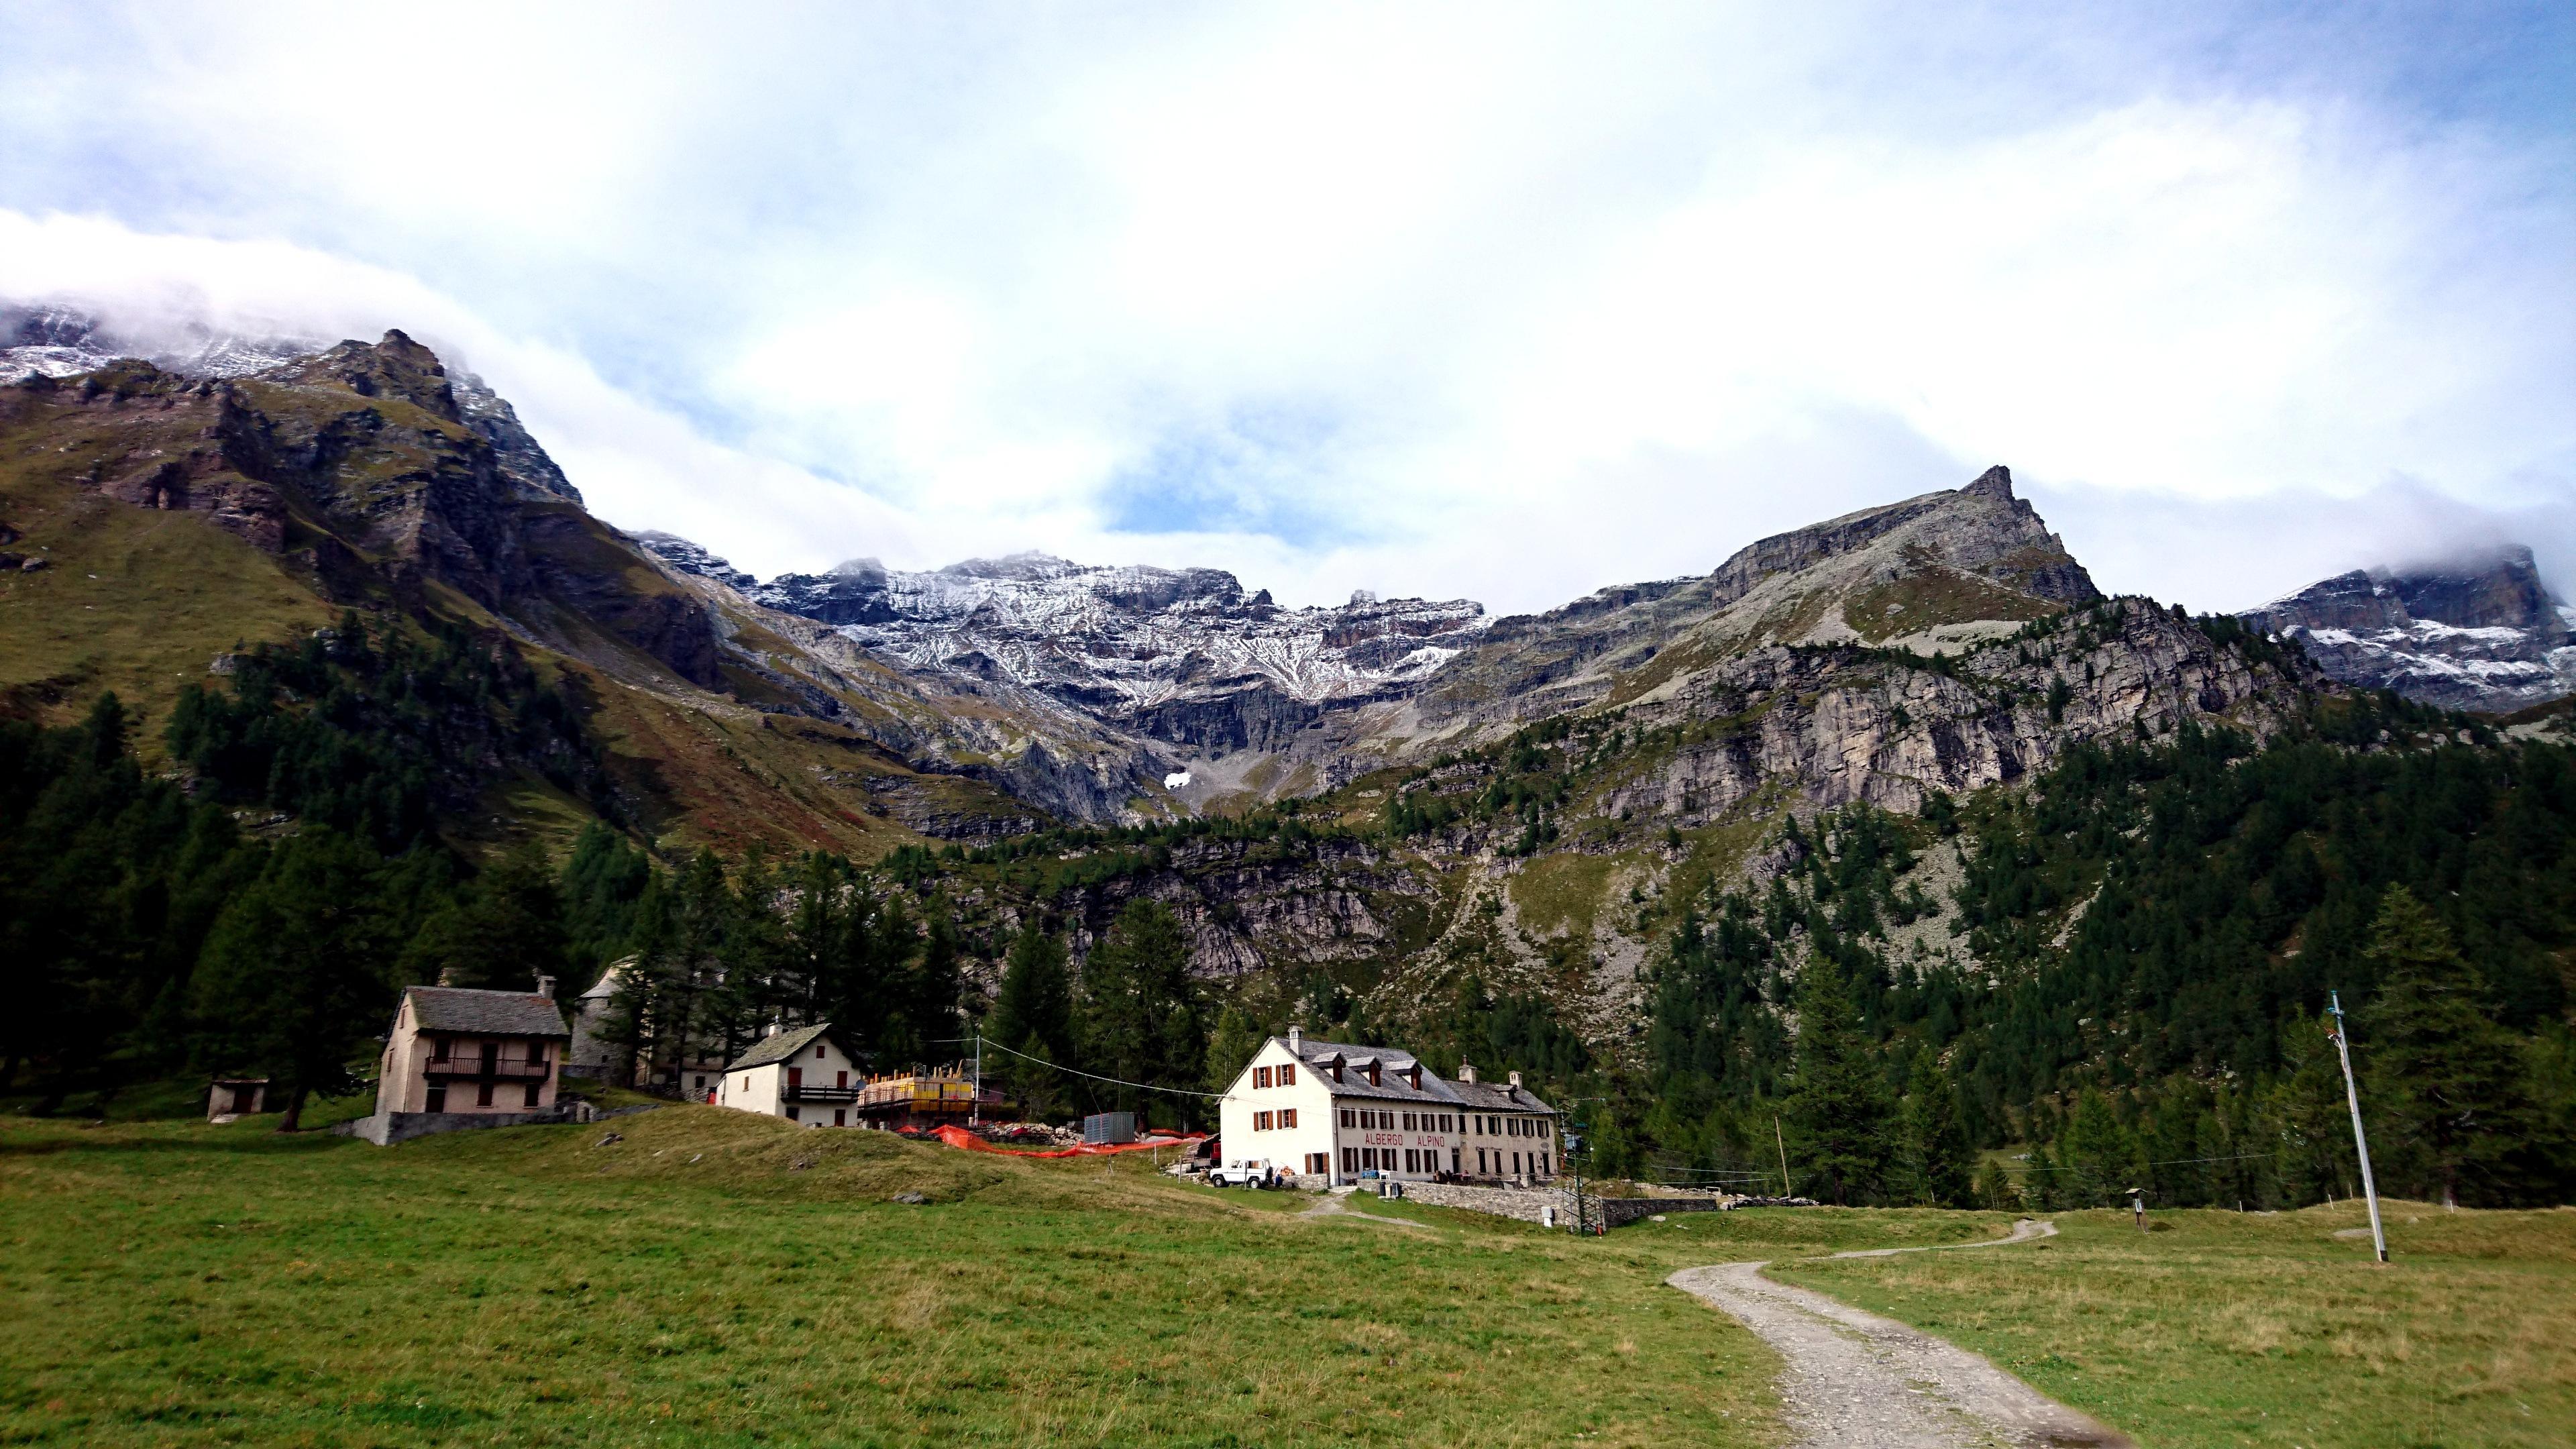 uno sguardo alla parte alta della valle, da cui proveniamo